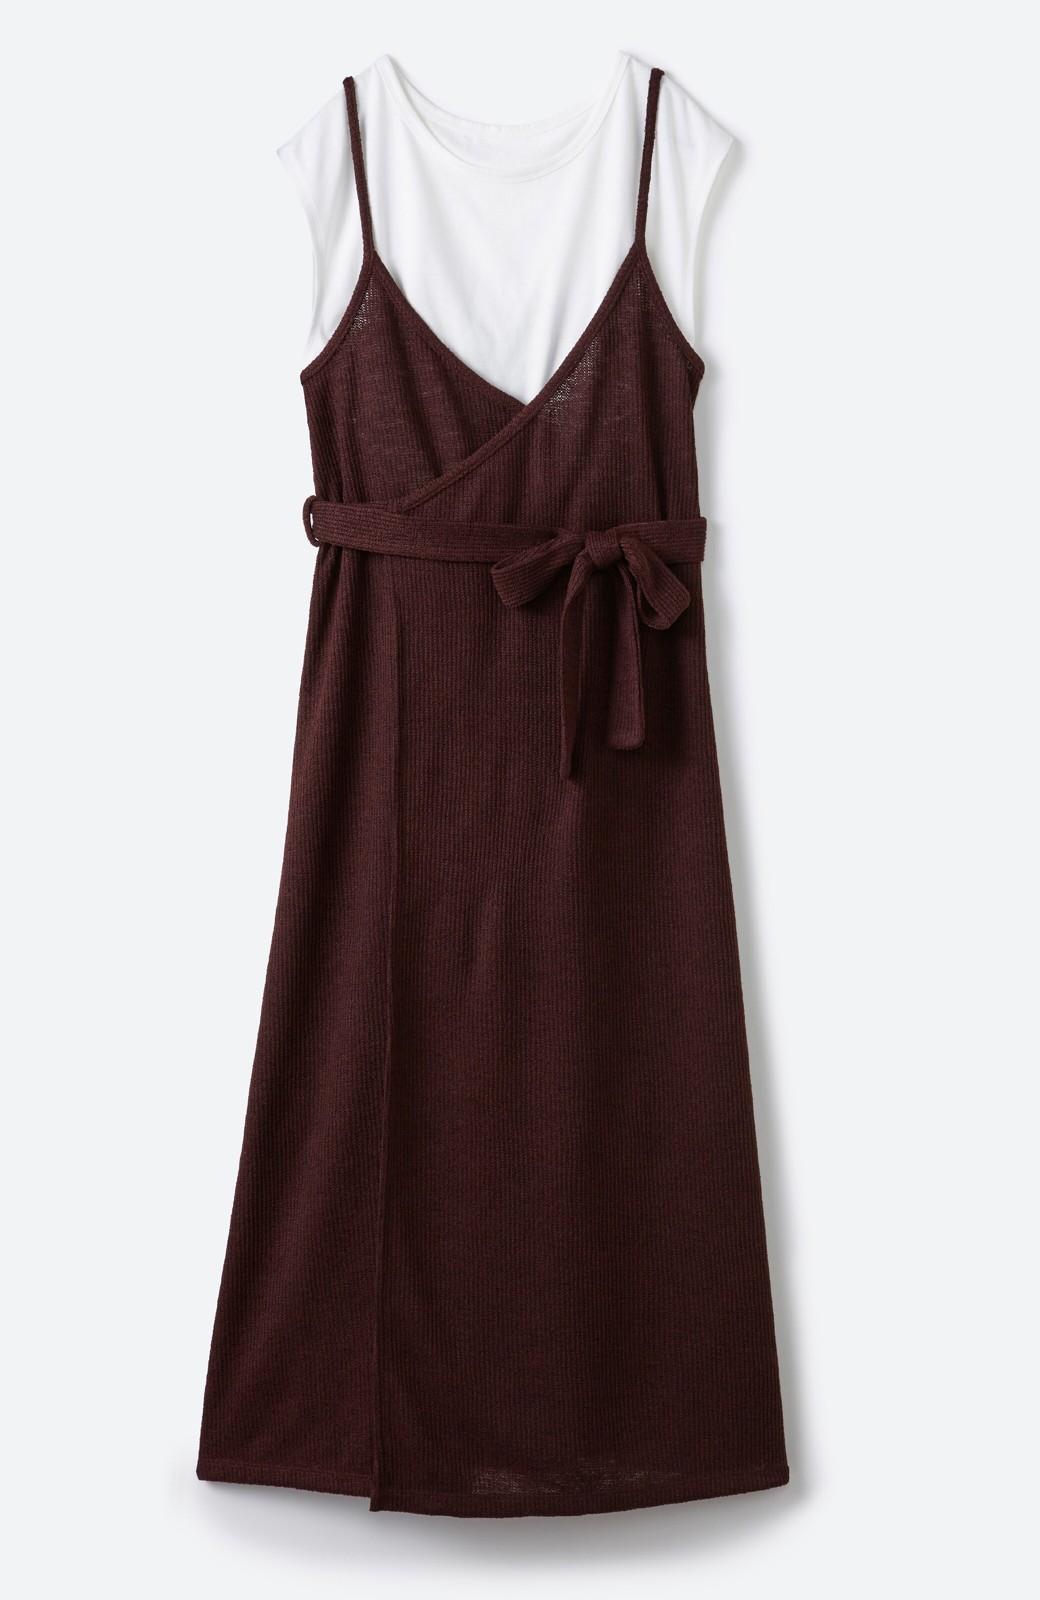 haco! 合わせて着るだけで今っぽかわいい シンプルTシャツ&カシュクールキャミワンピースセット <ダークブラウン>の商品写真18